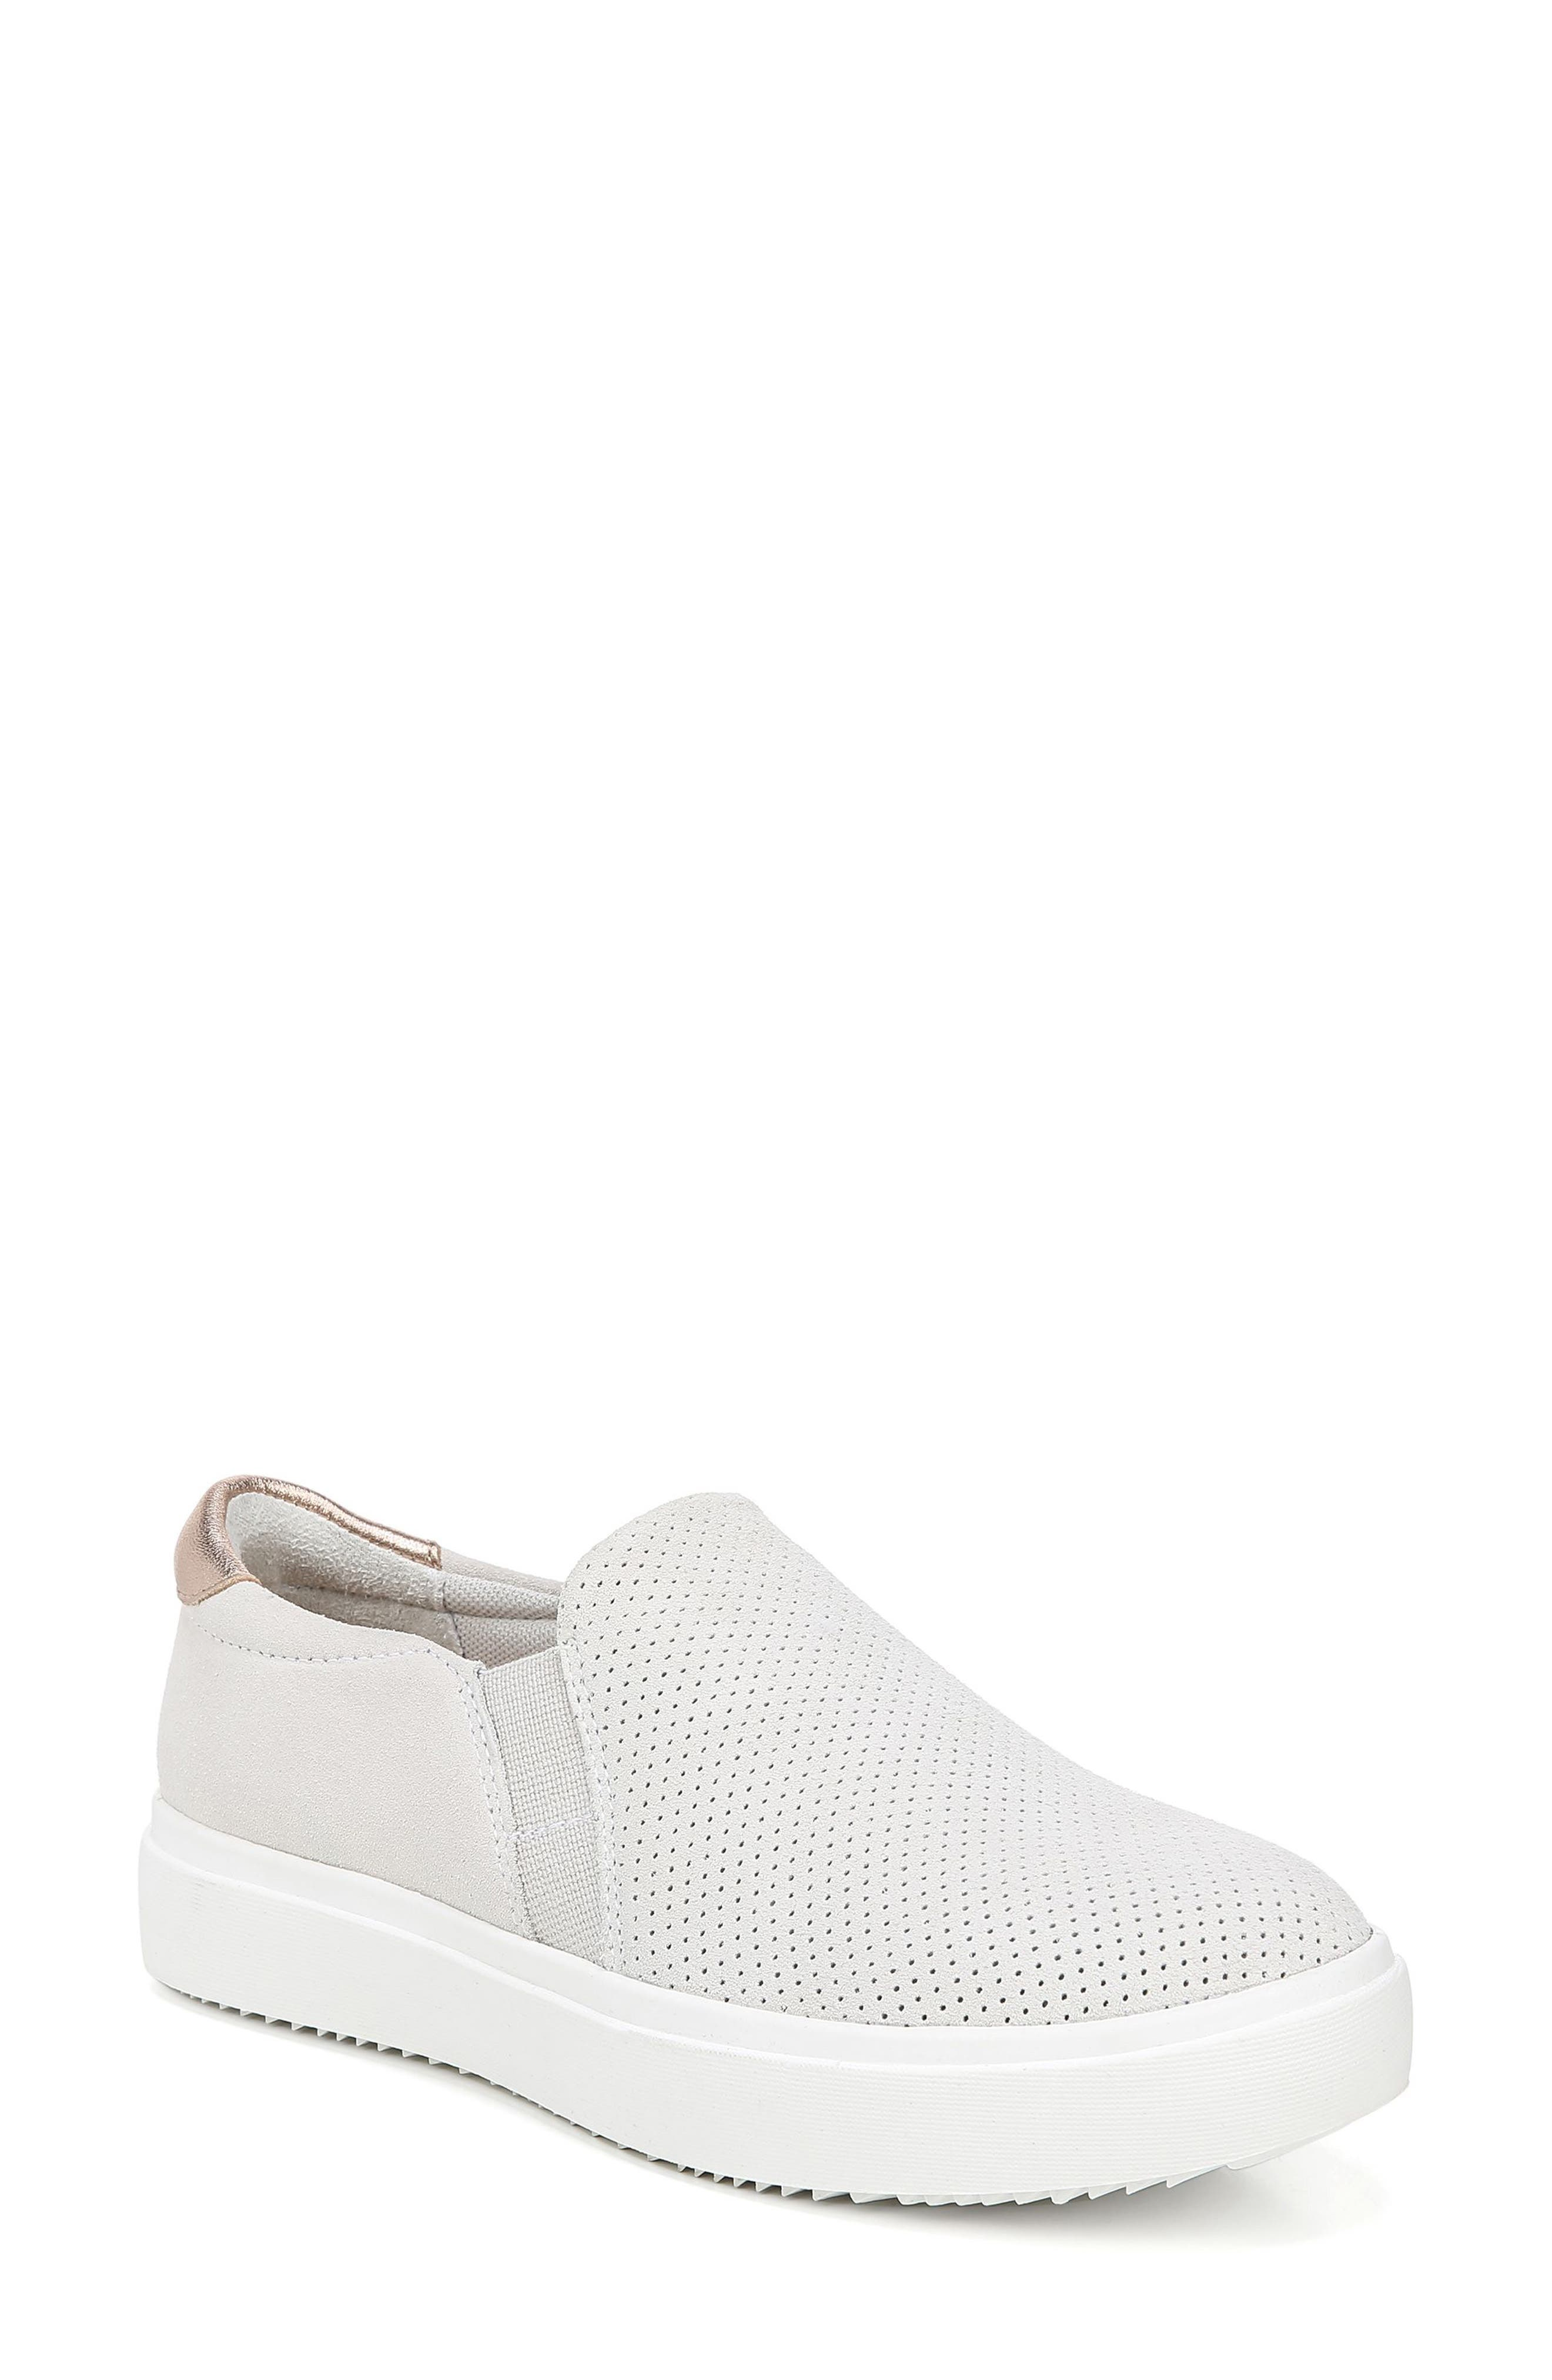 Leta Slip-On Sneaker